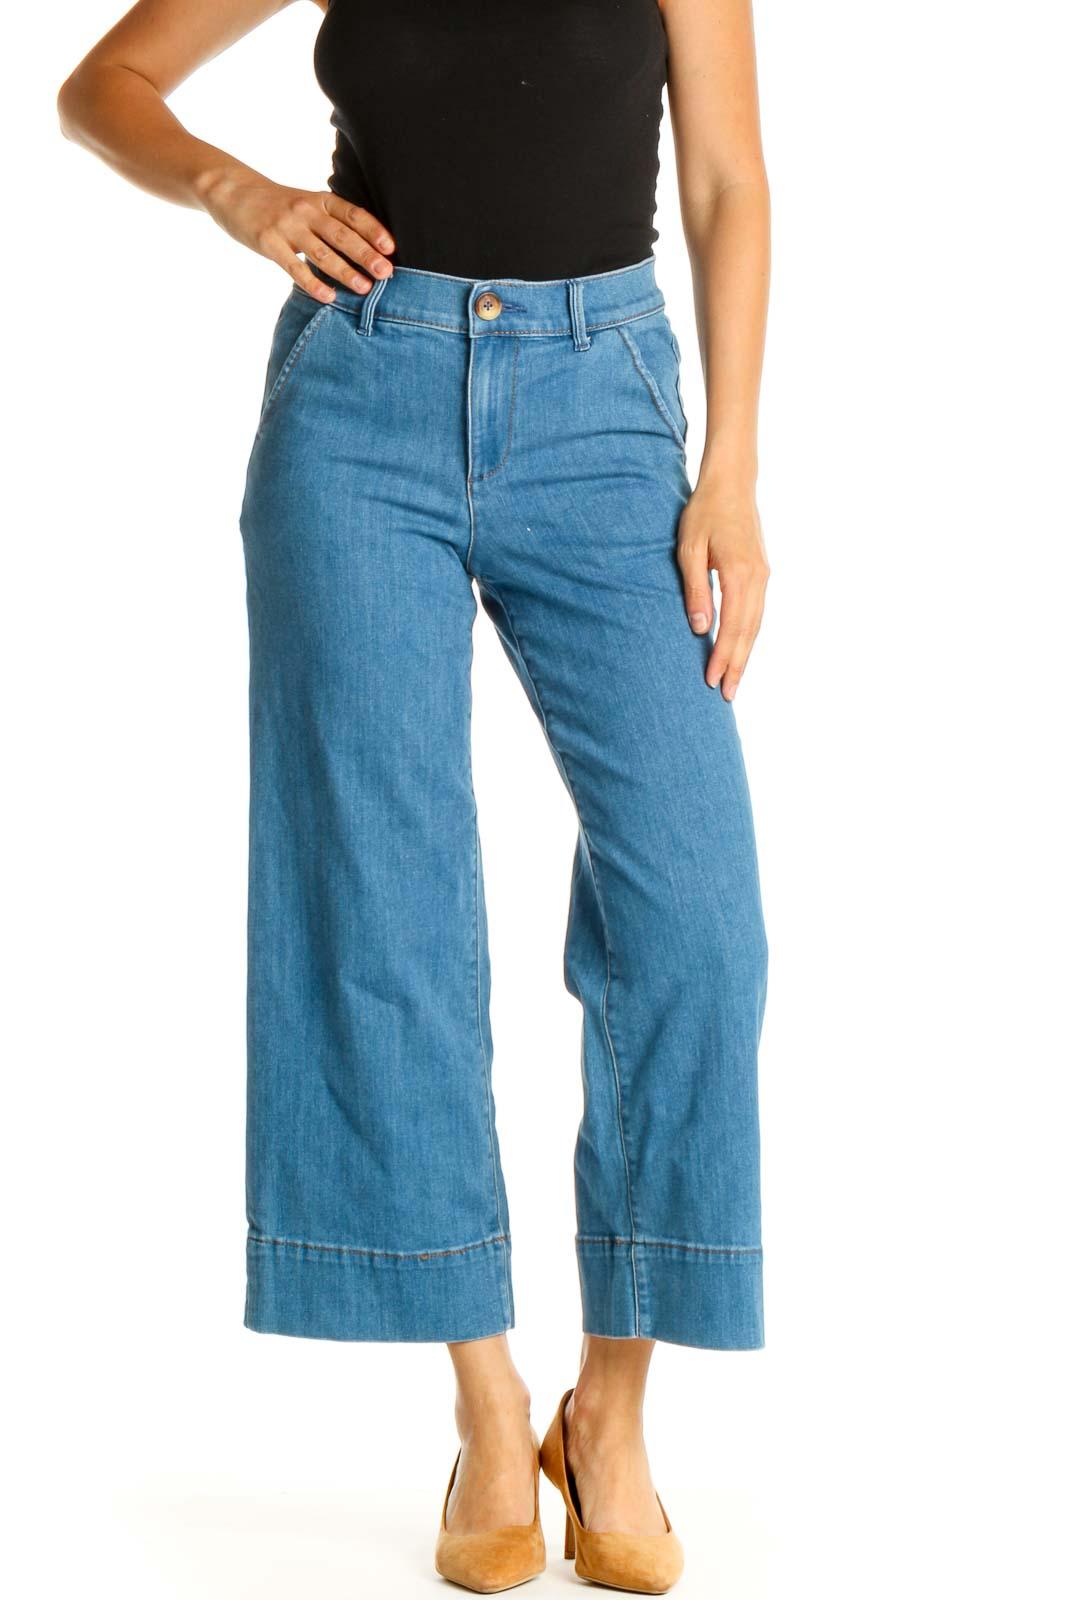 Blue Wide Leg Jeans Front